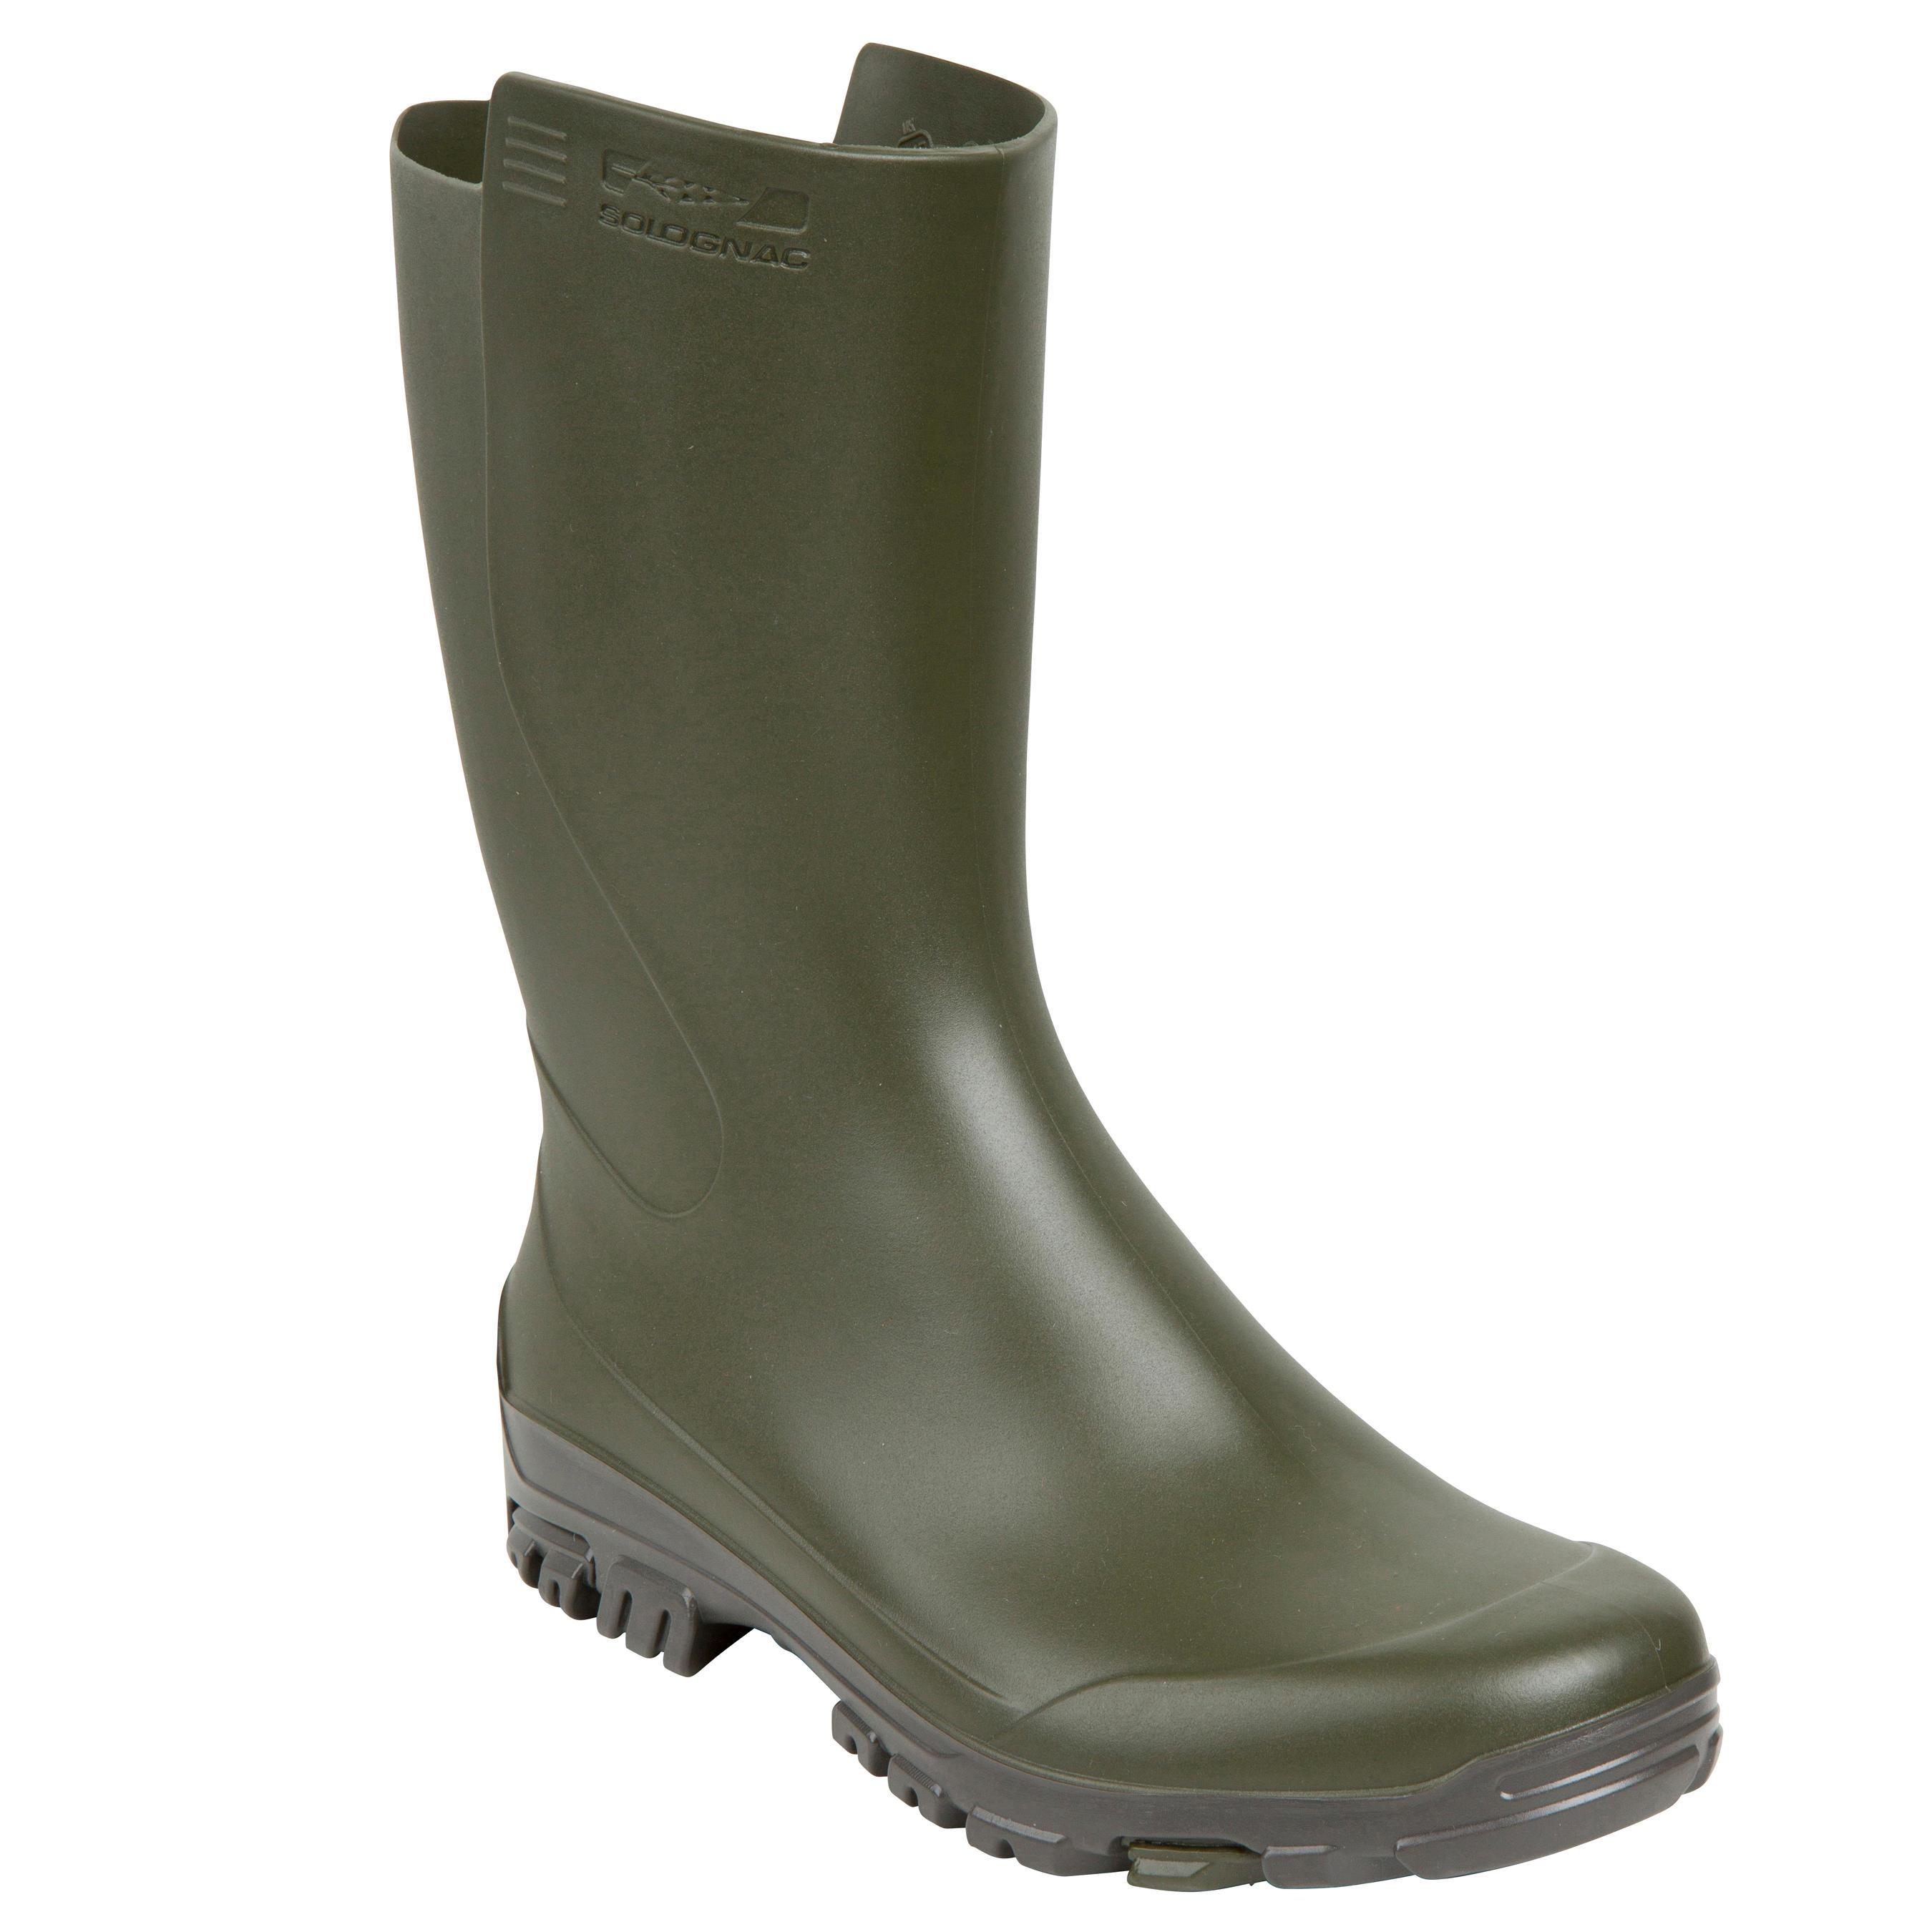 8c48cd563c Comprar botas de agua para niños online